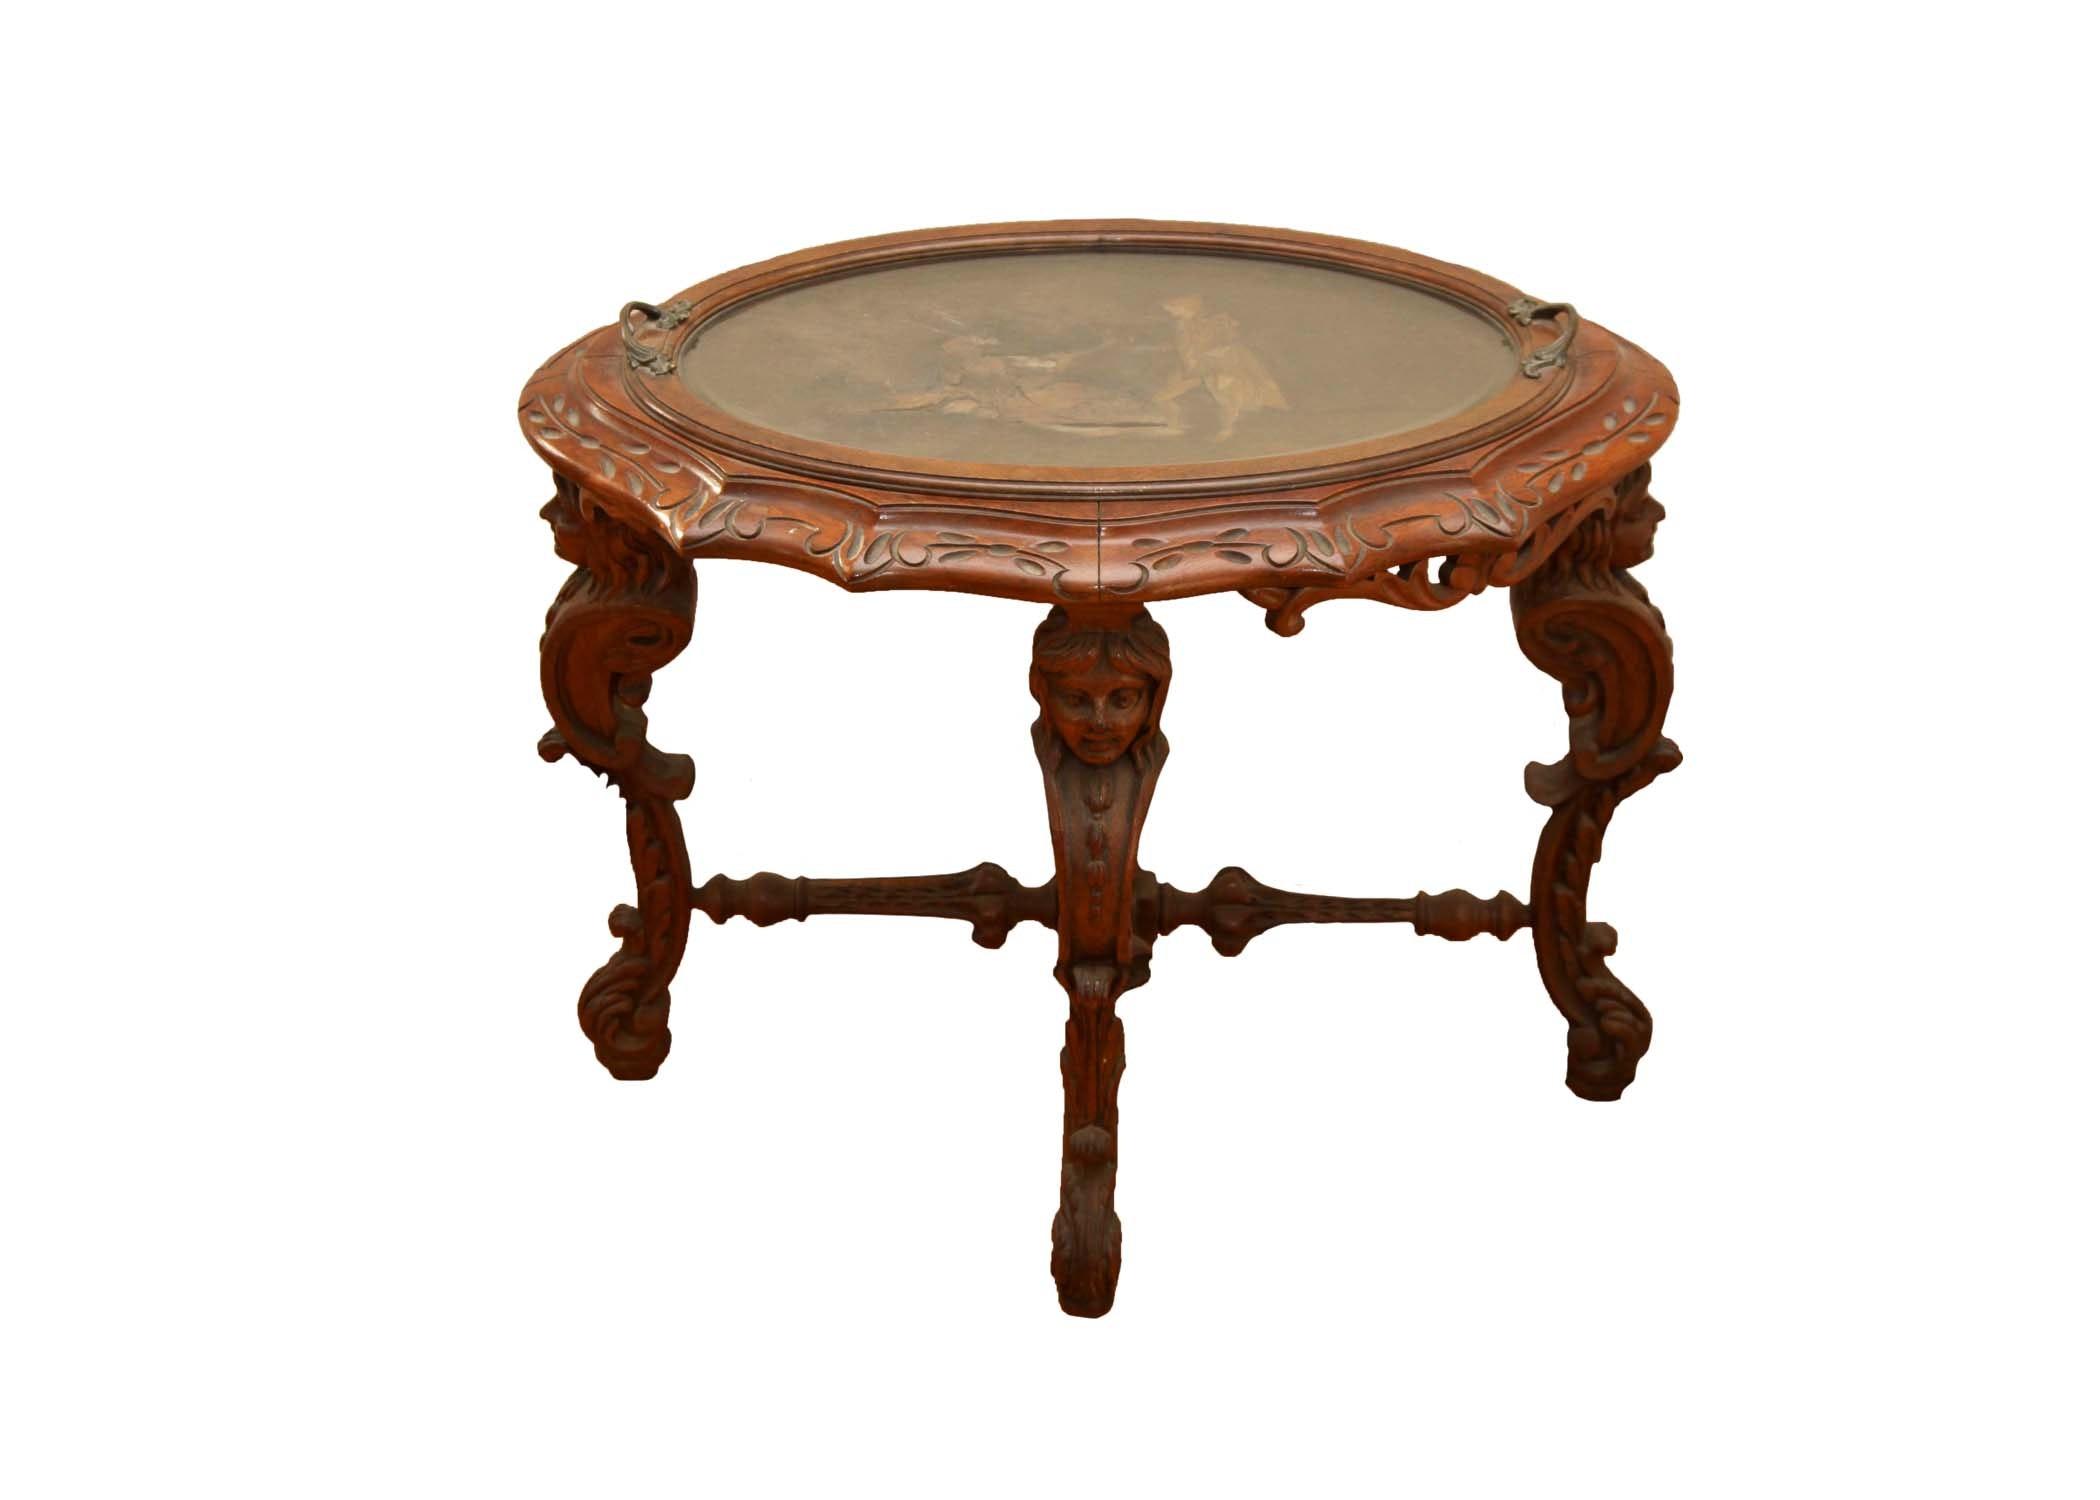 Vintage Renaissance Revival Style Mahogany Tray Table